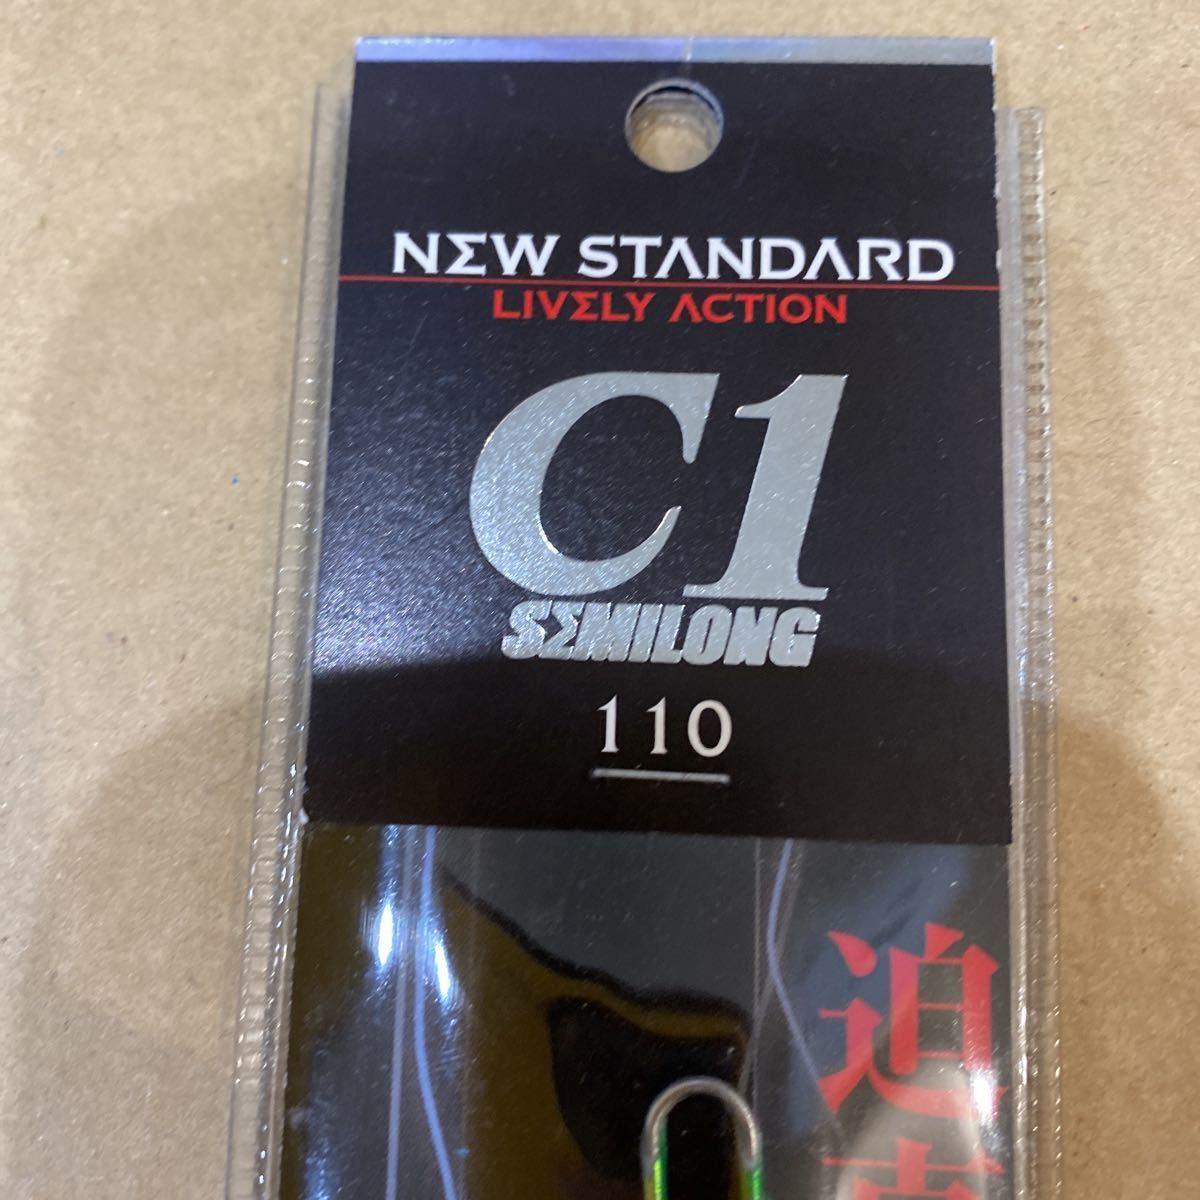 新品未使用 CB ONE シービーワン C1 セミロング 110g 人気色 その13 H6 メタルジグ ジギング ソルト ルアー 同梱可_画像3